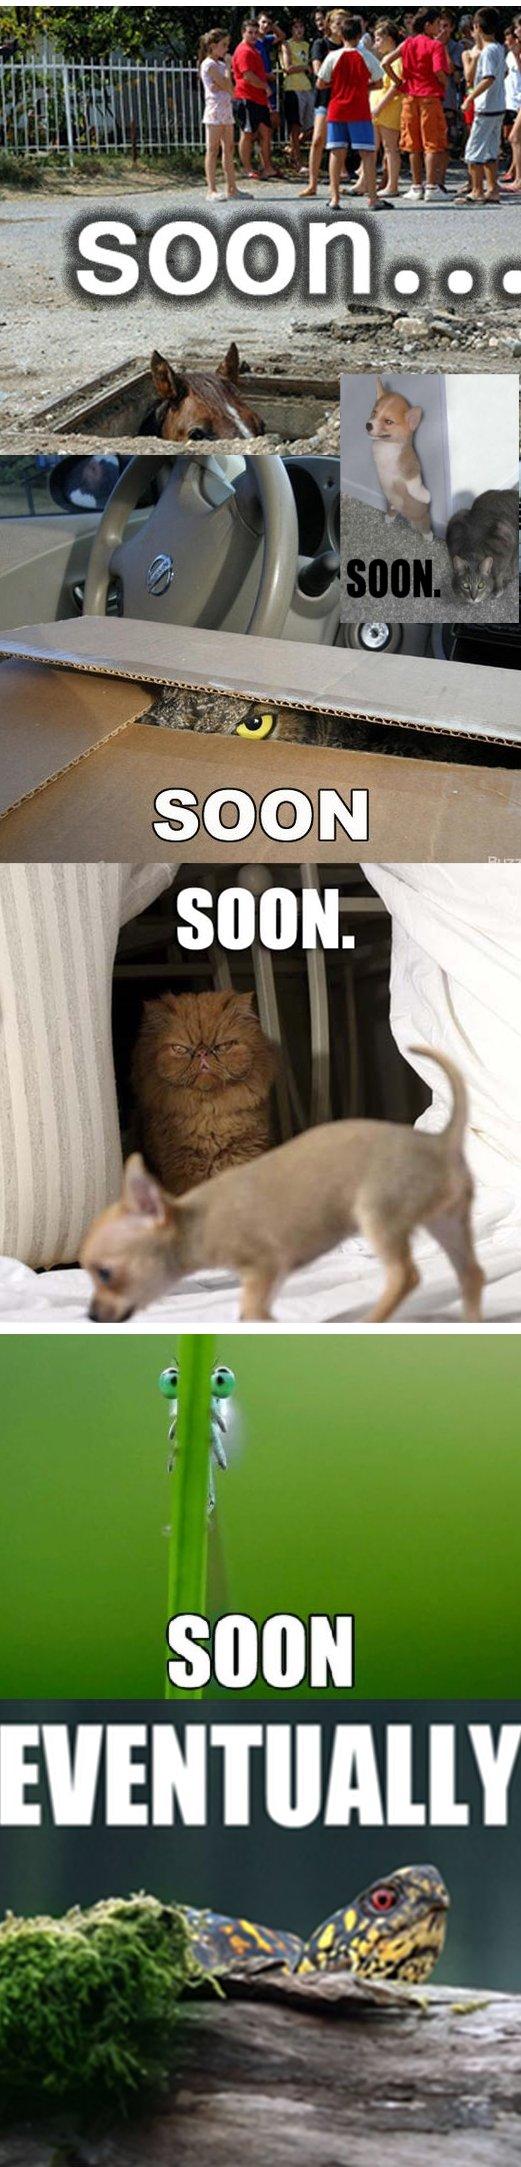 soon animals. soon. soon funny comed